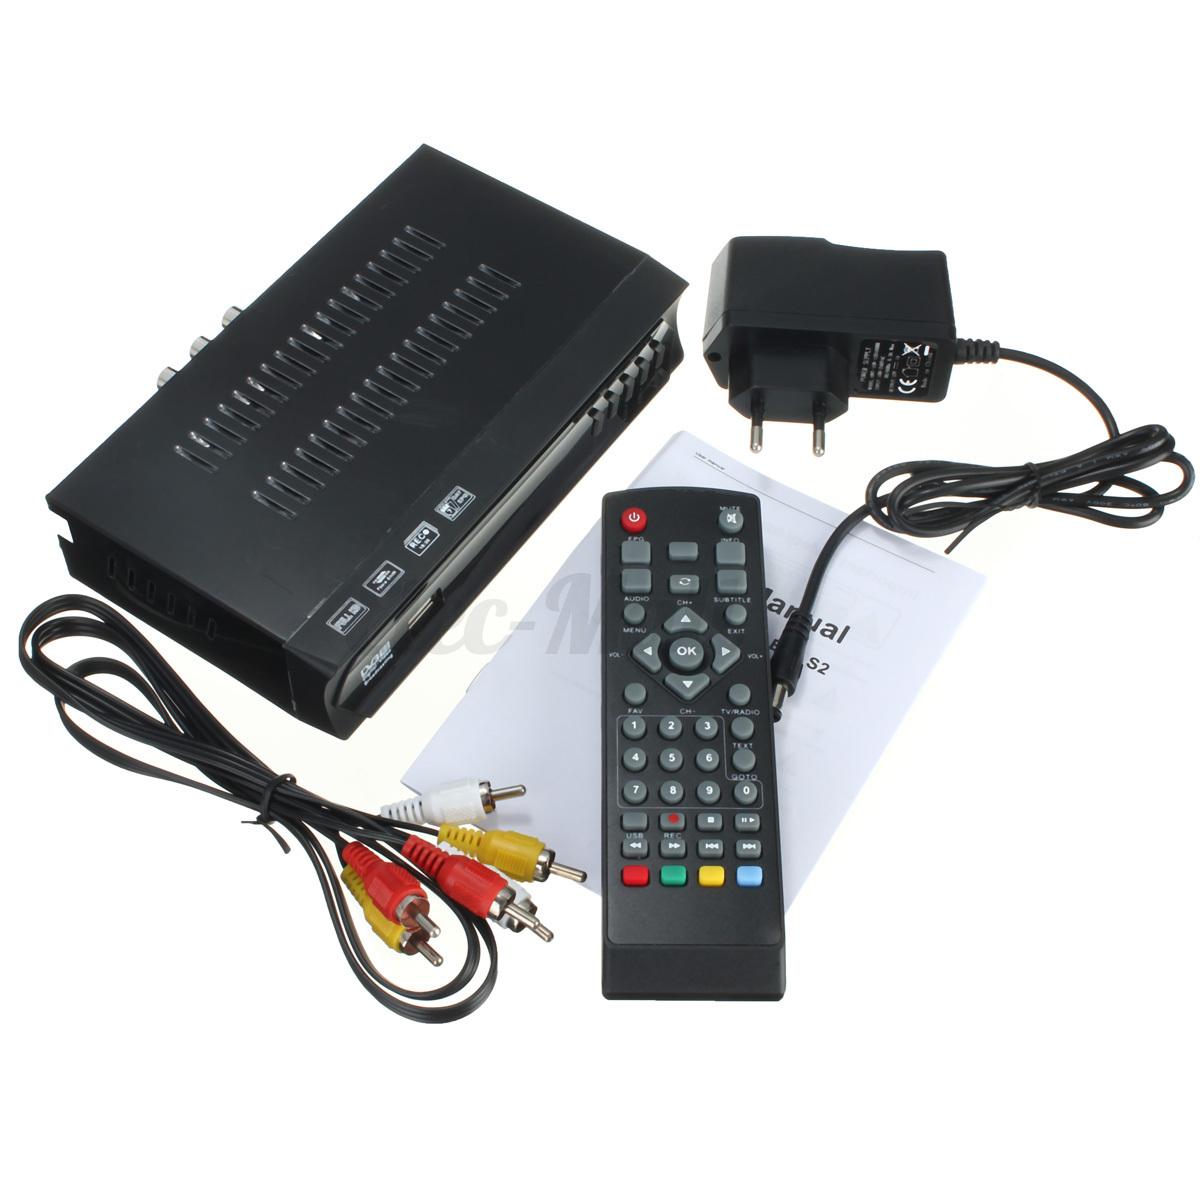 full hd dvb s s2 digital video freesat pvr tv receiver set. Black Bedroom Furniture Sets. Home Design Ideas